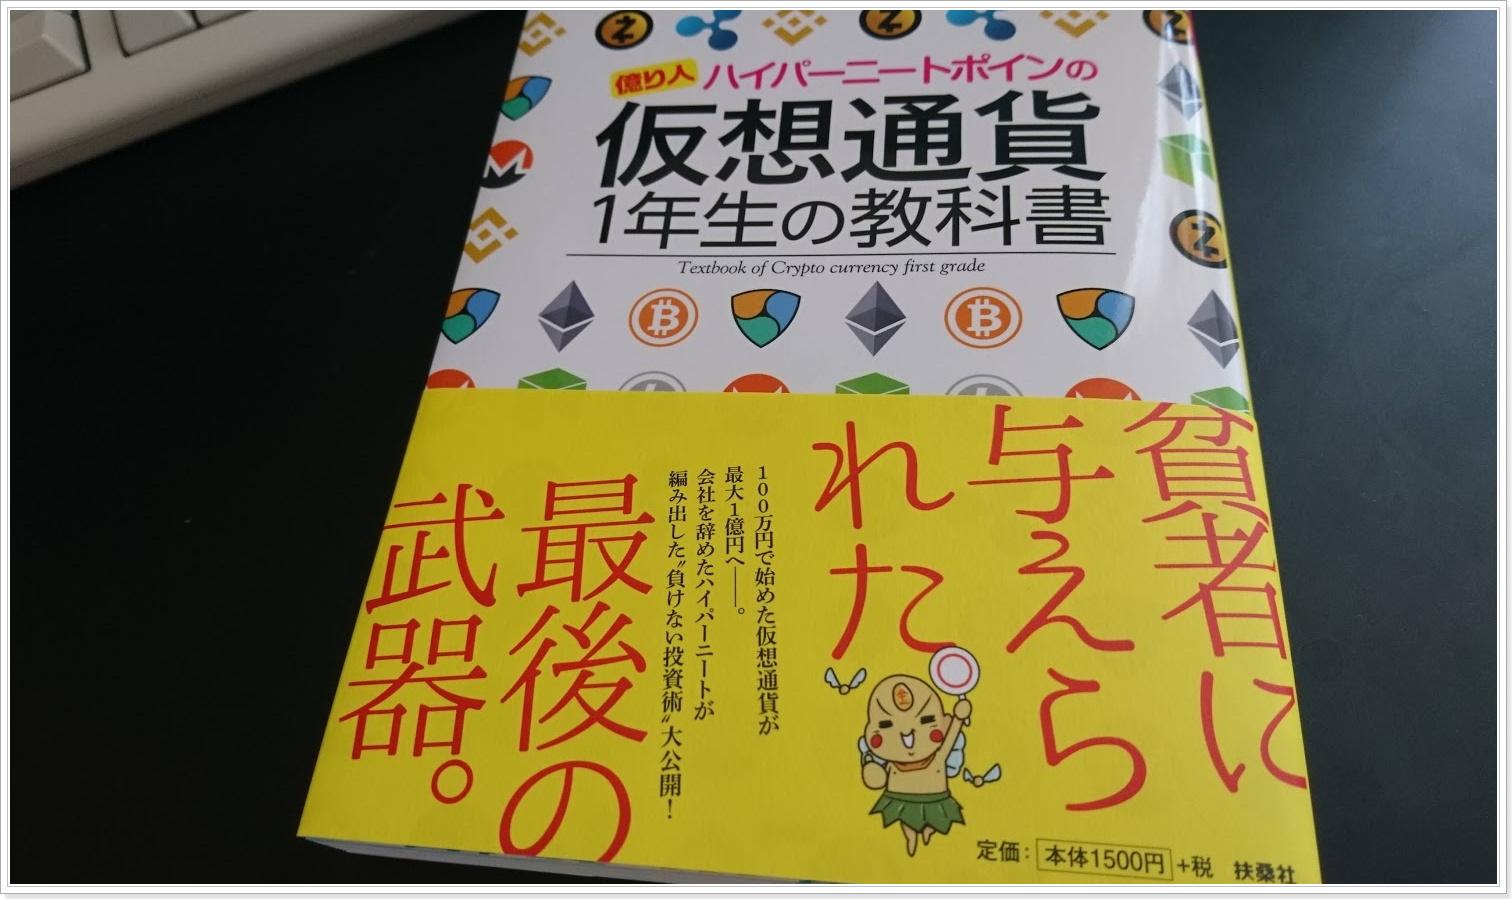 ポイン氏著「仮想通貨1年生の教科書」感想